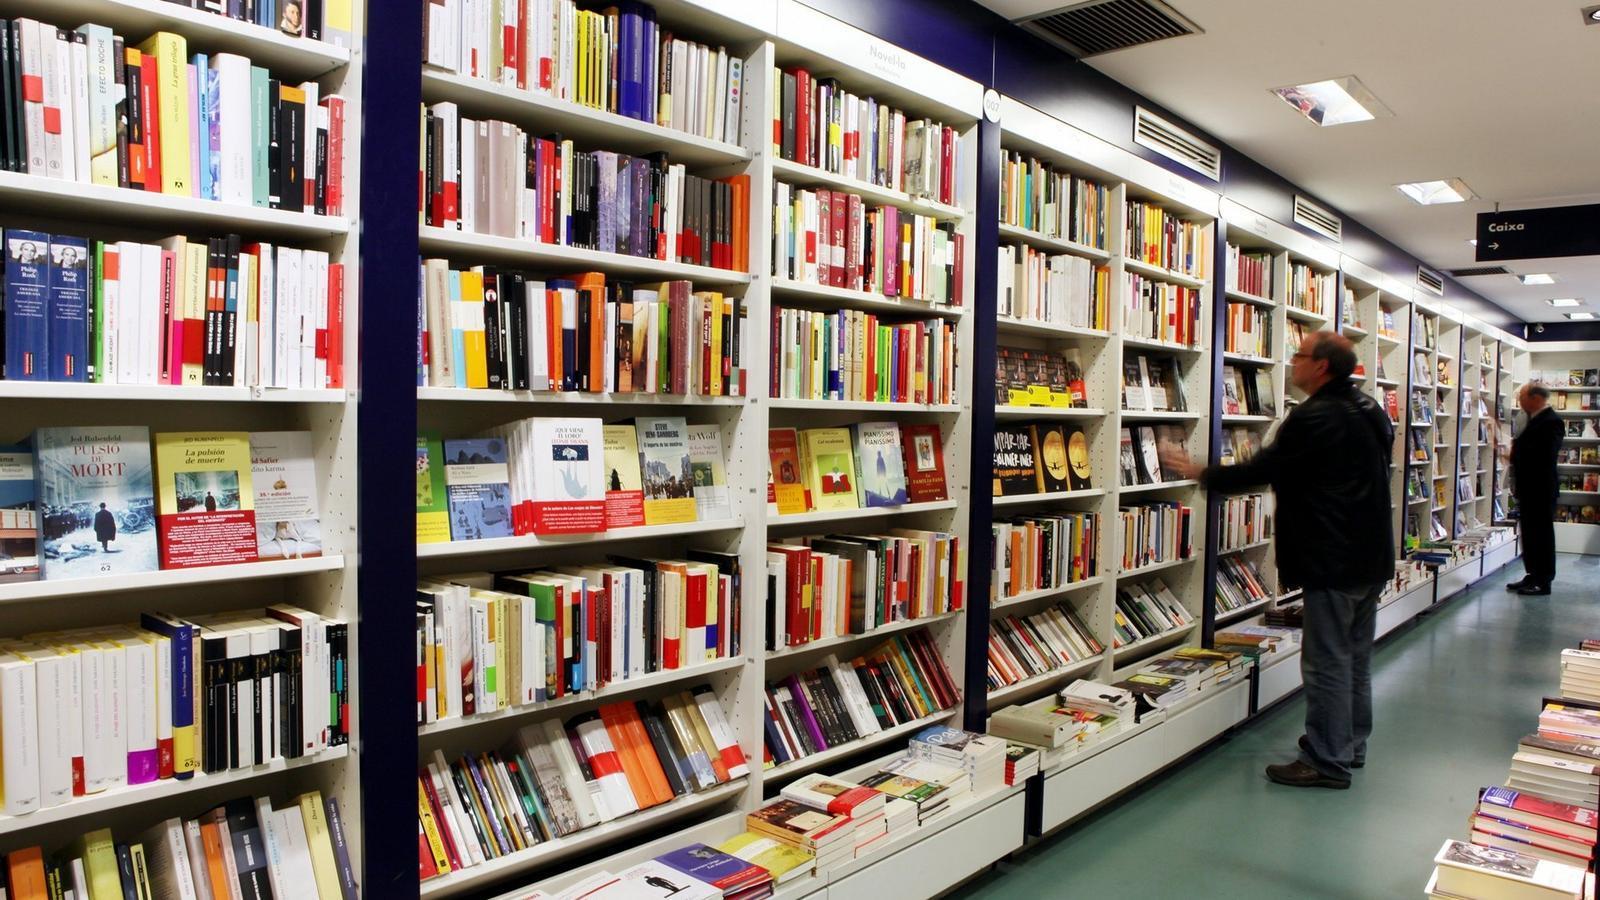 La novel·la és el gènere imperant entre els lectors catalns